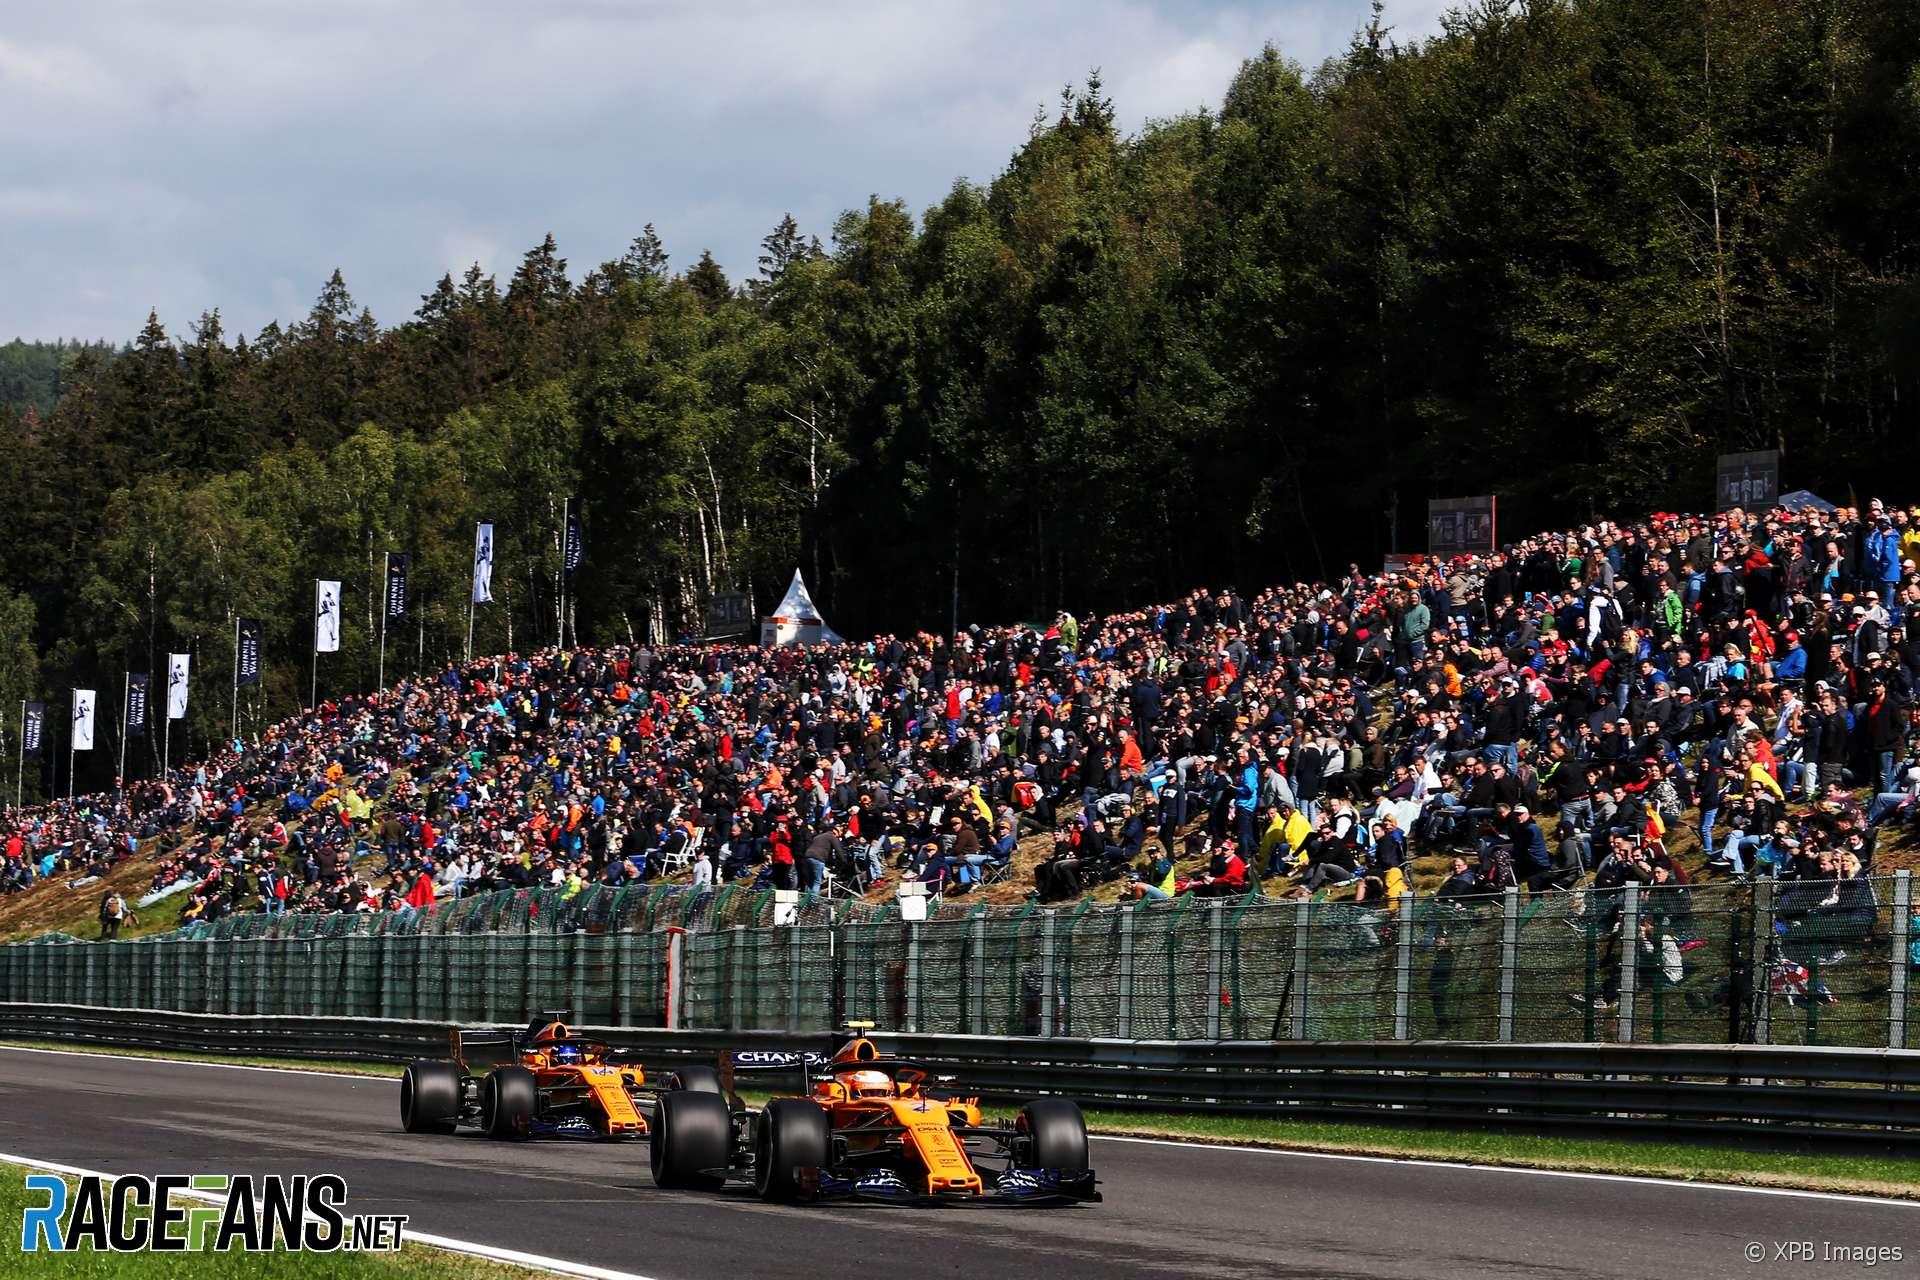 Stoffel Vandoorne, McLaren, Spa-Francorchamps, 2018